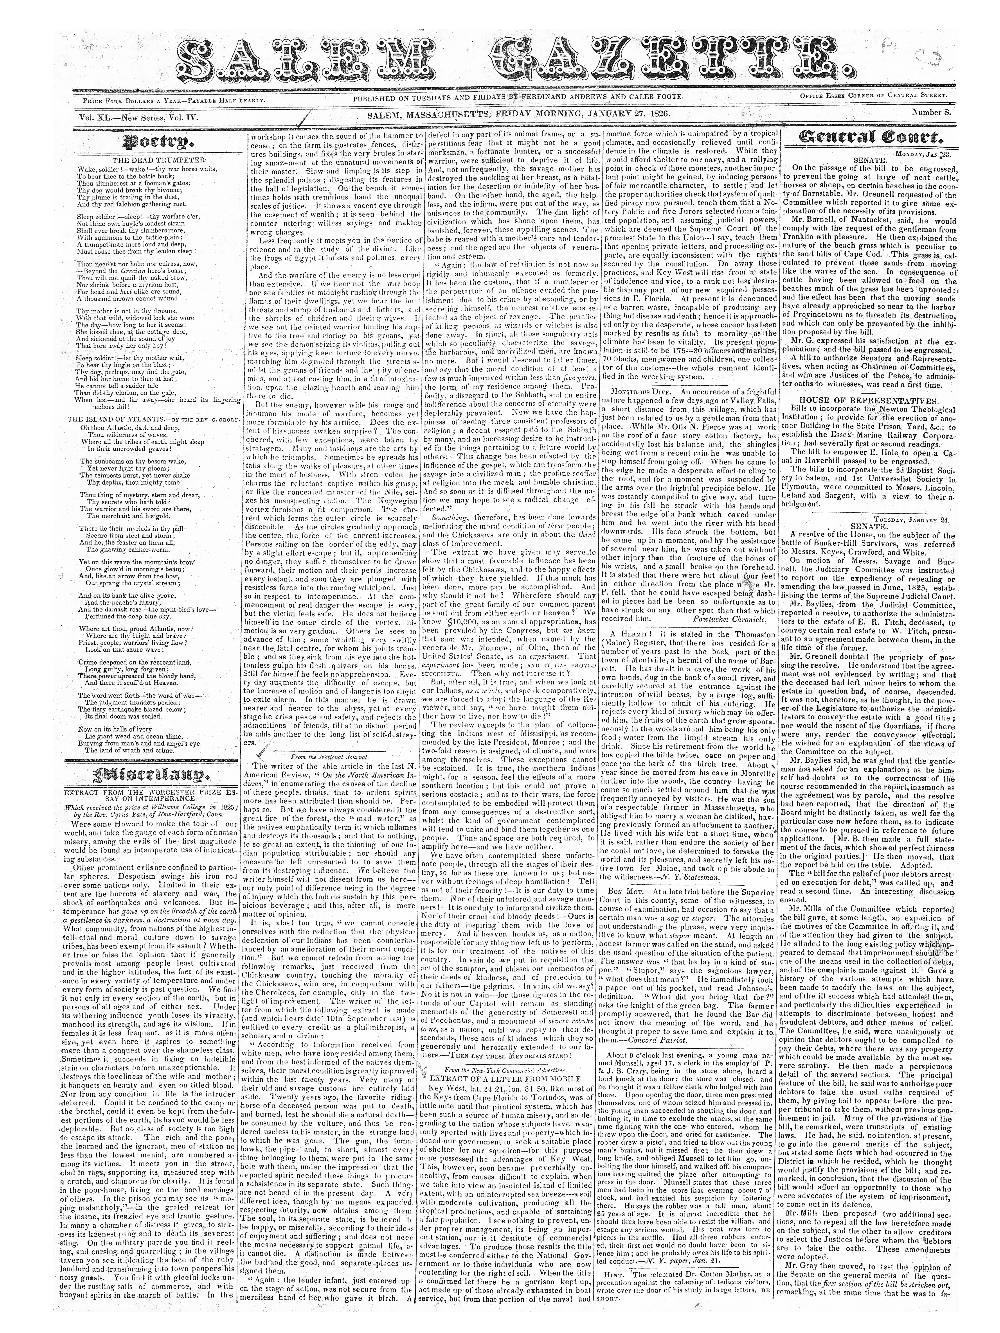 The Salem gazette - page 1